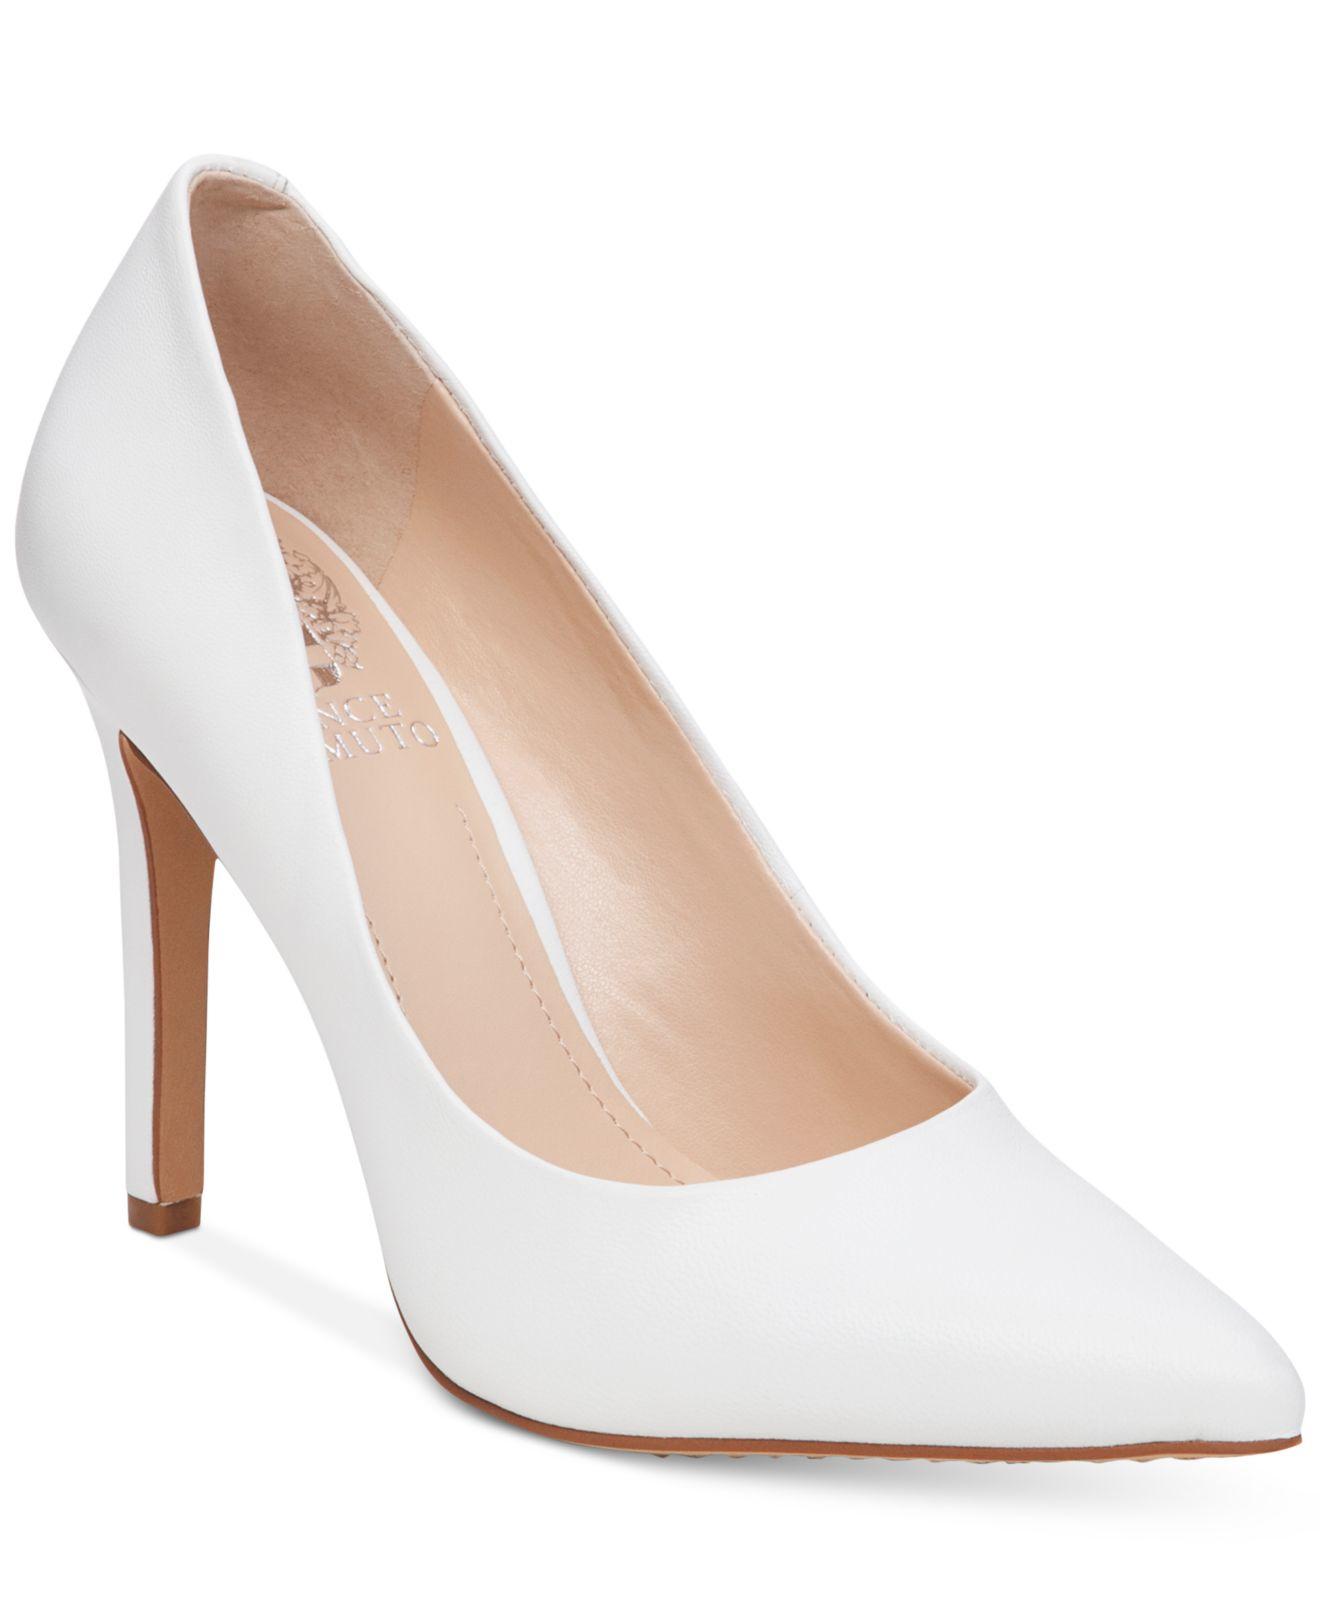 Nordstrom Shoes Ladies Pumps